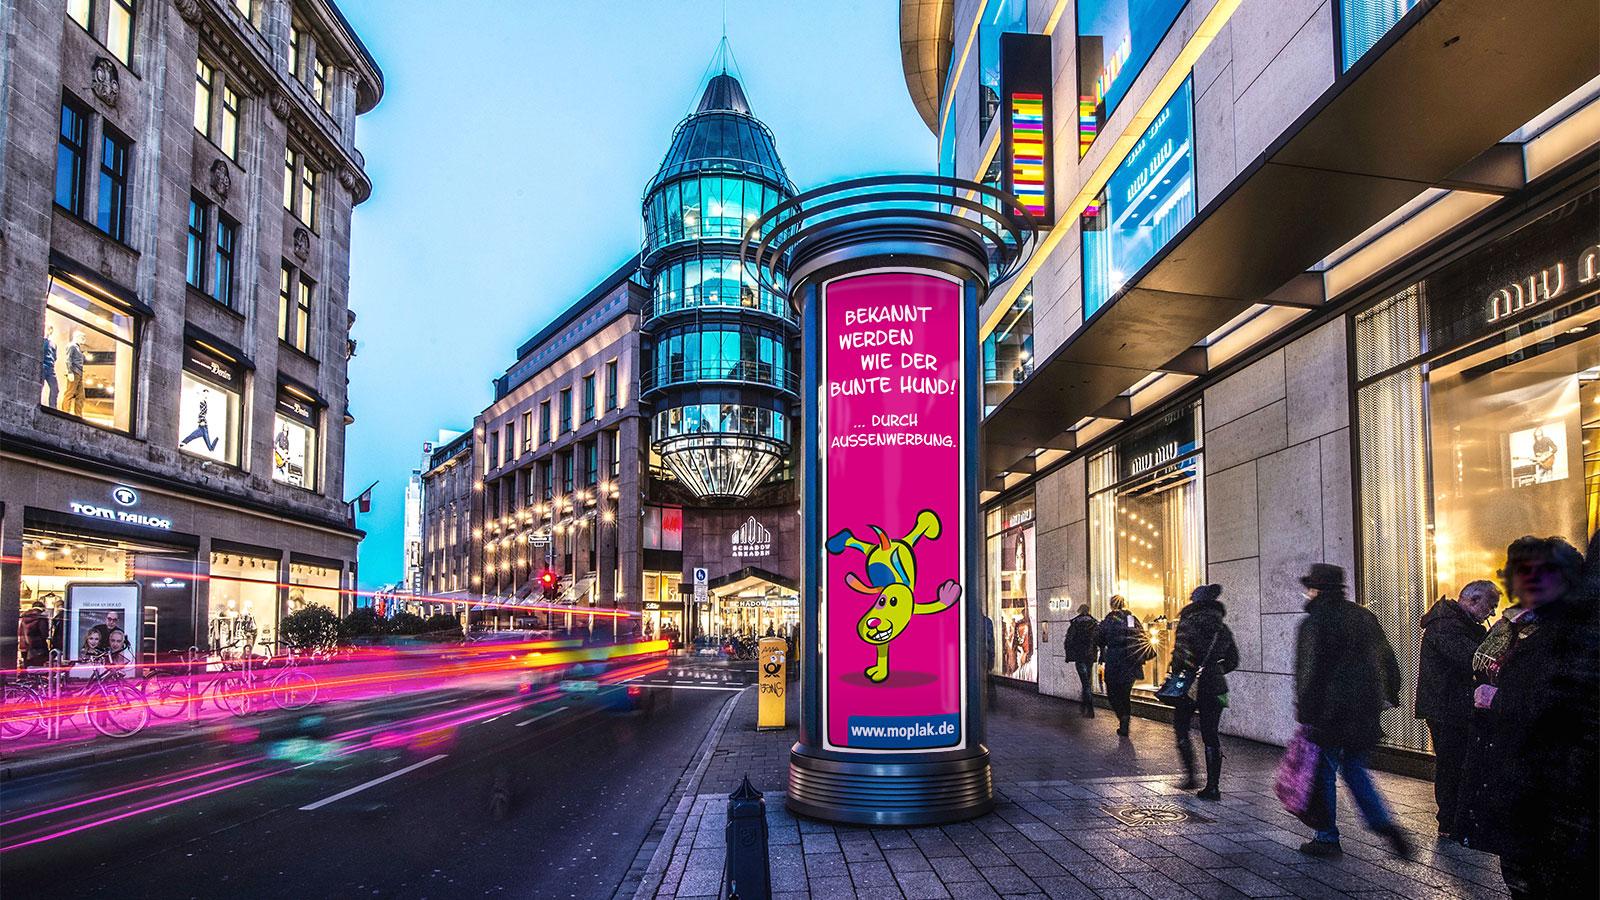 Saarbruecken-Aussenwerbung-Litfasssaeule-Werbung